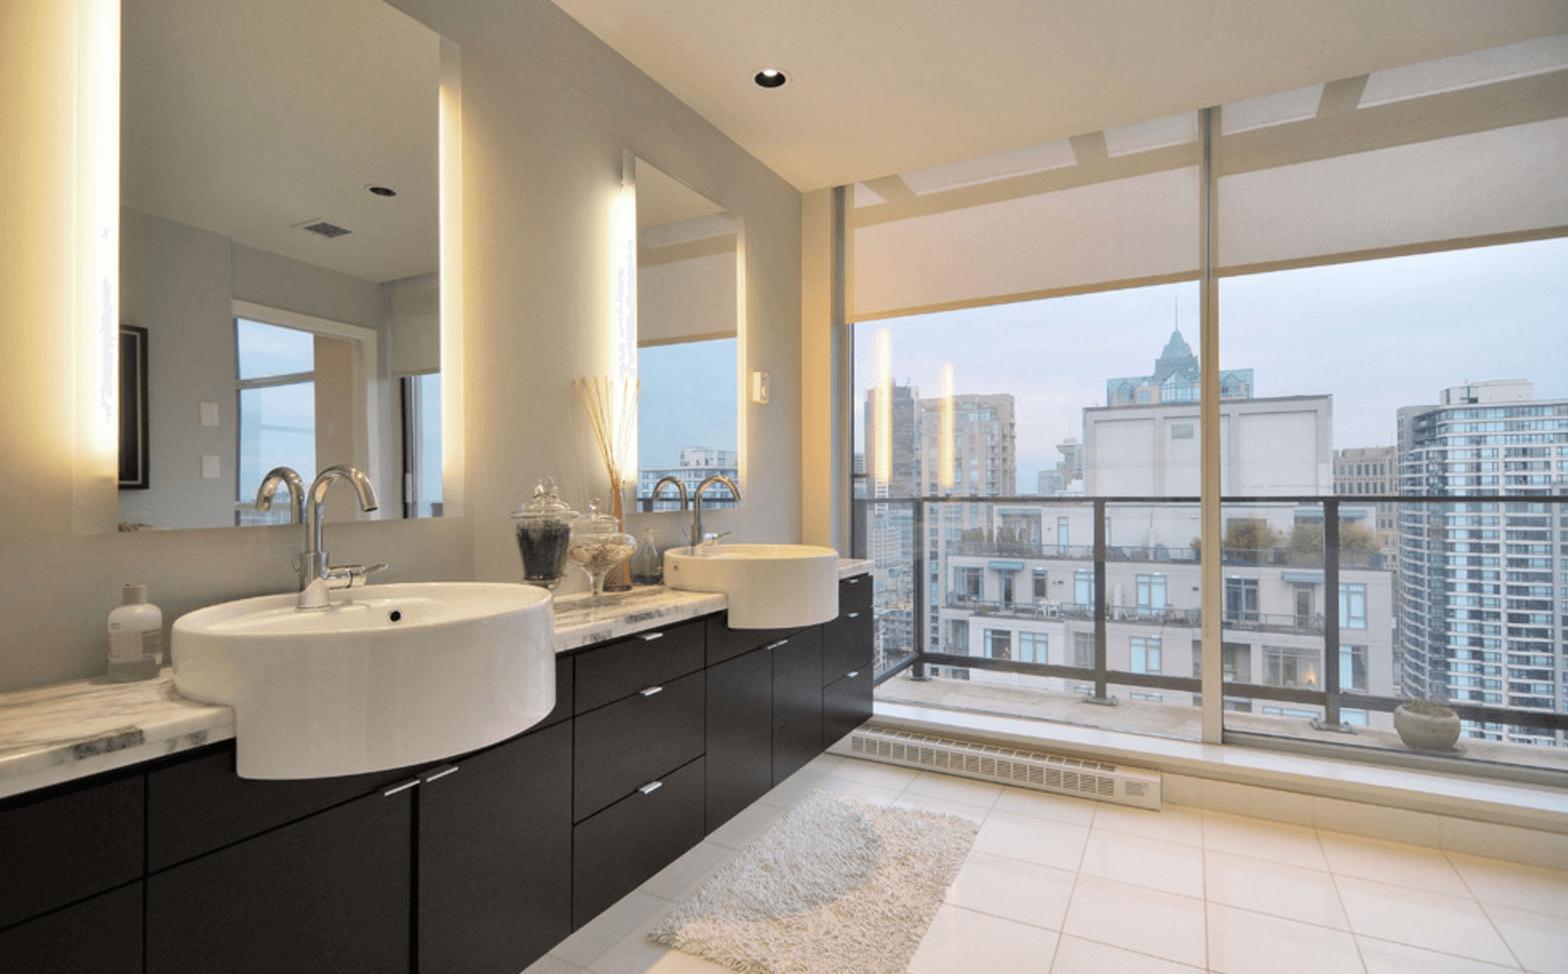 Оригинальный дизайн зеркала в интерьере ванной комнаты - Фото 15